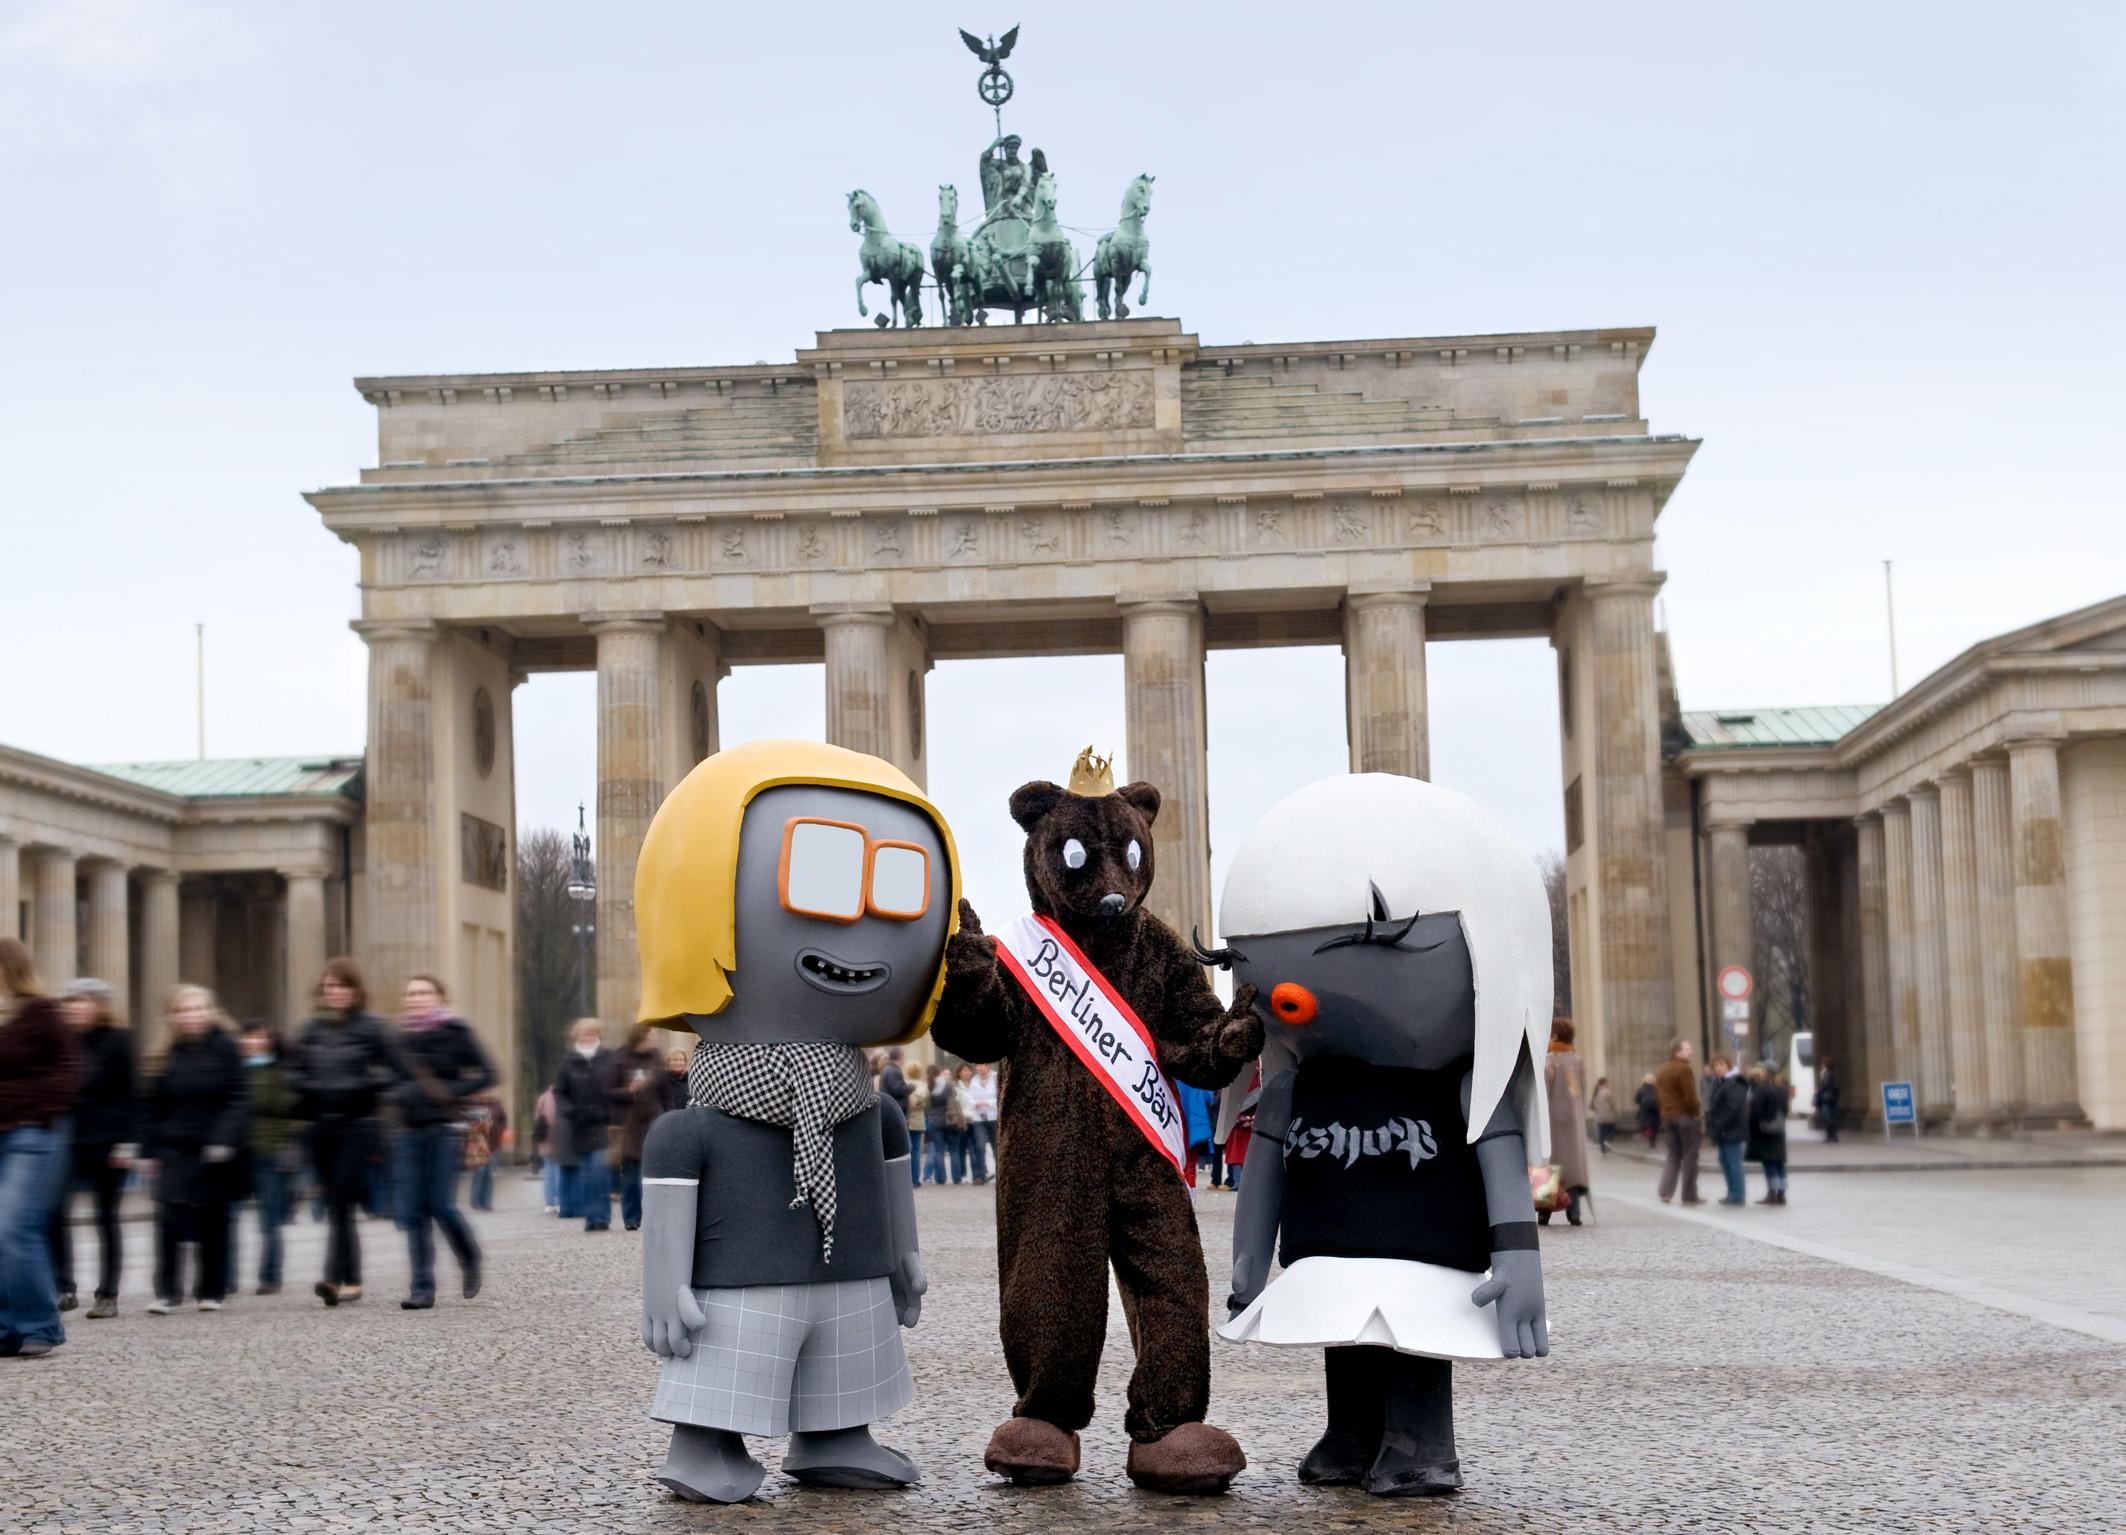 berliner b r begr t au ergew hnliche g ste deutschlands beliebtestes st dteziel lockt. Black Bedroom Furniture Sets. Home Design Ideas